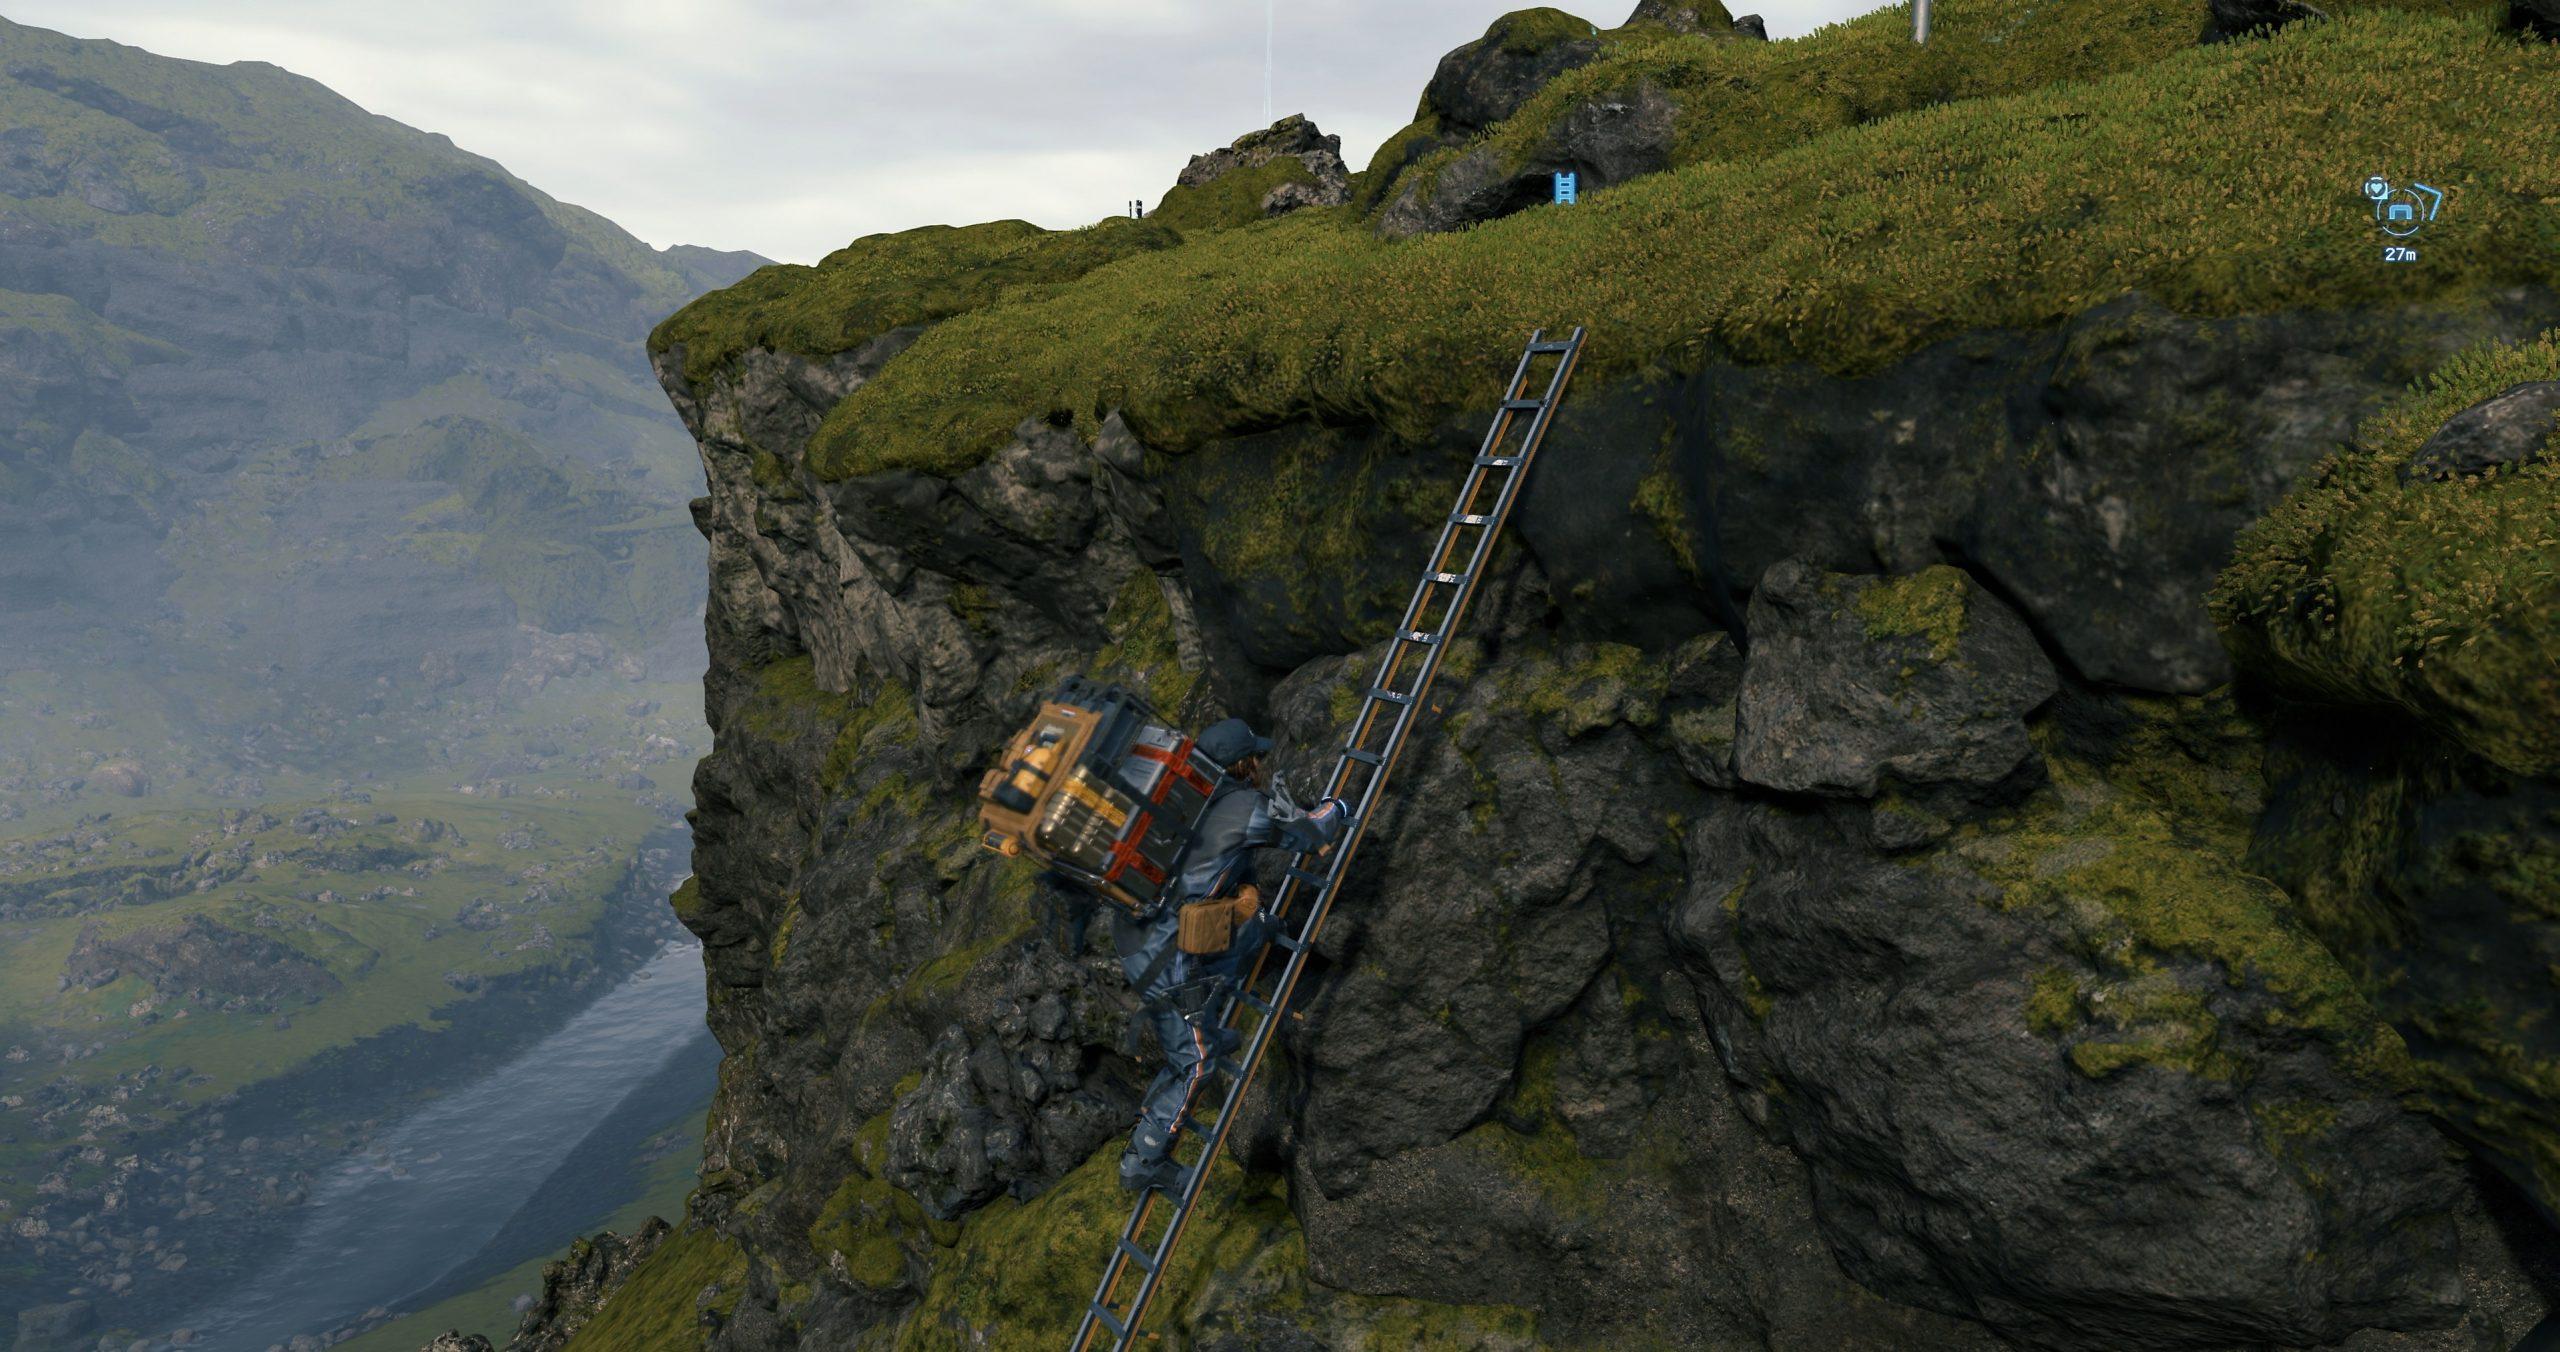 Ladder Terrain Navigation